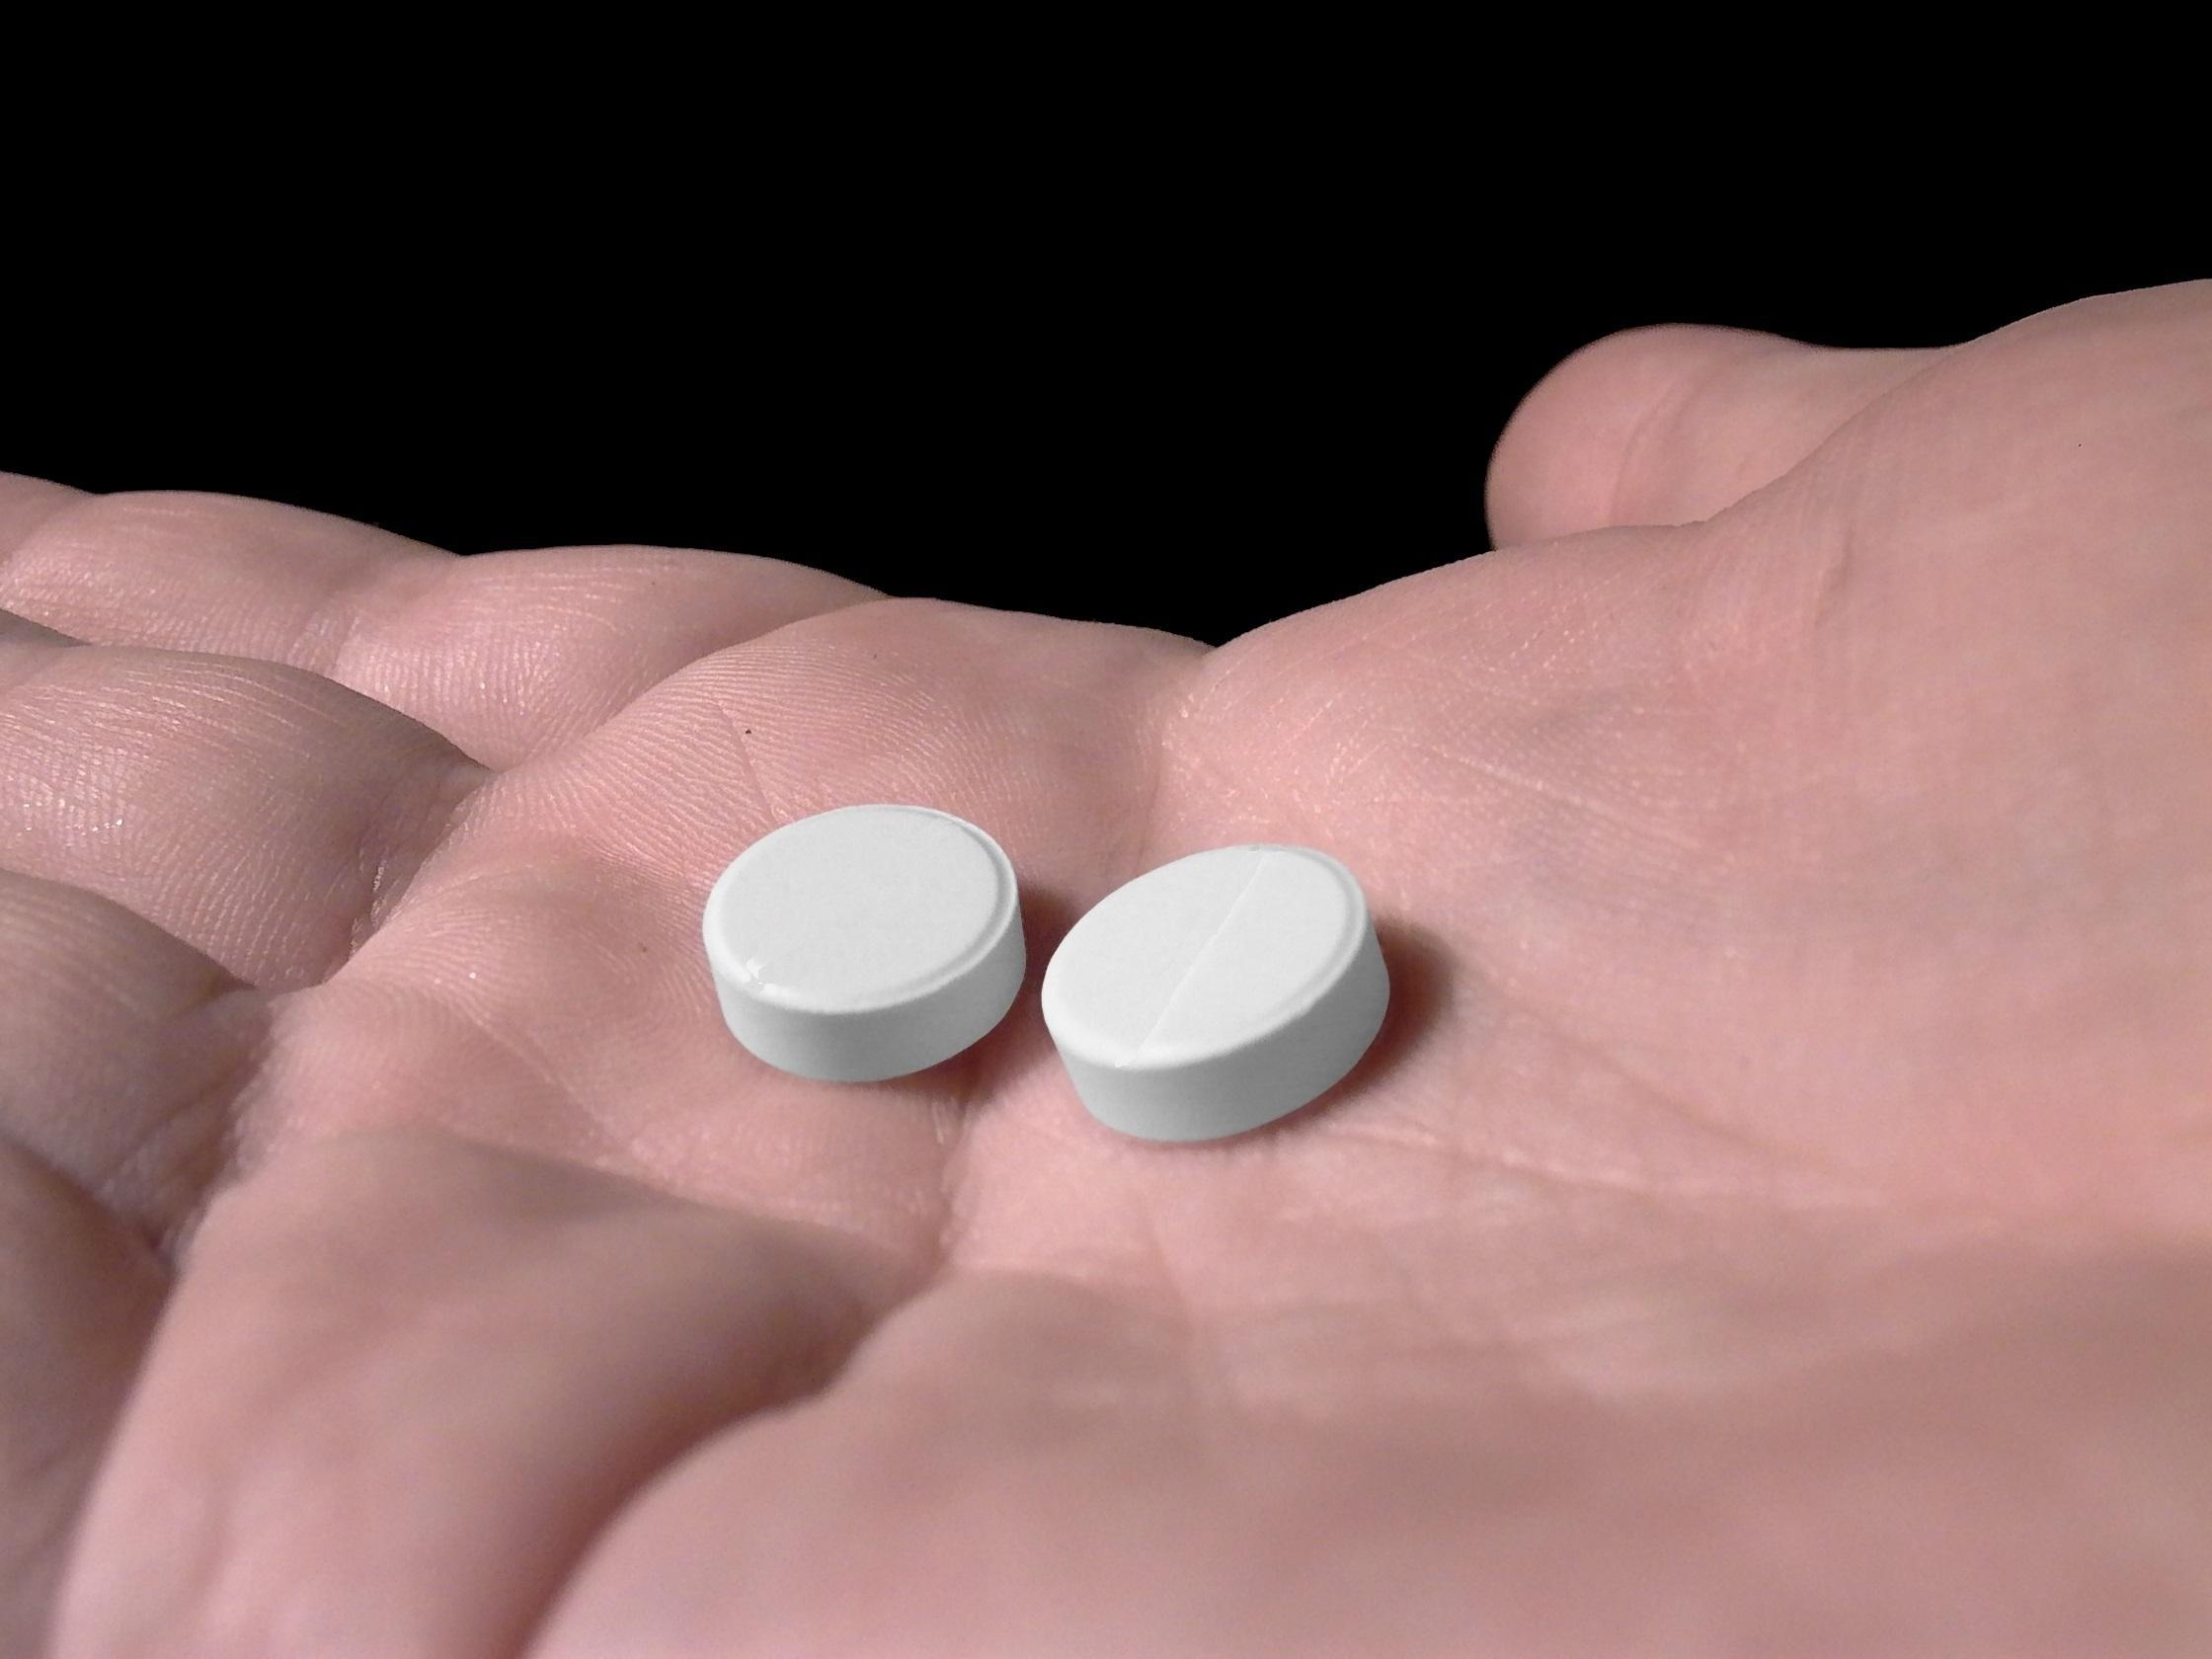 Pílula do Dia Seguinte: Os Efeitos Colaterais e da Pílula do Dia Seguinte